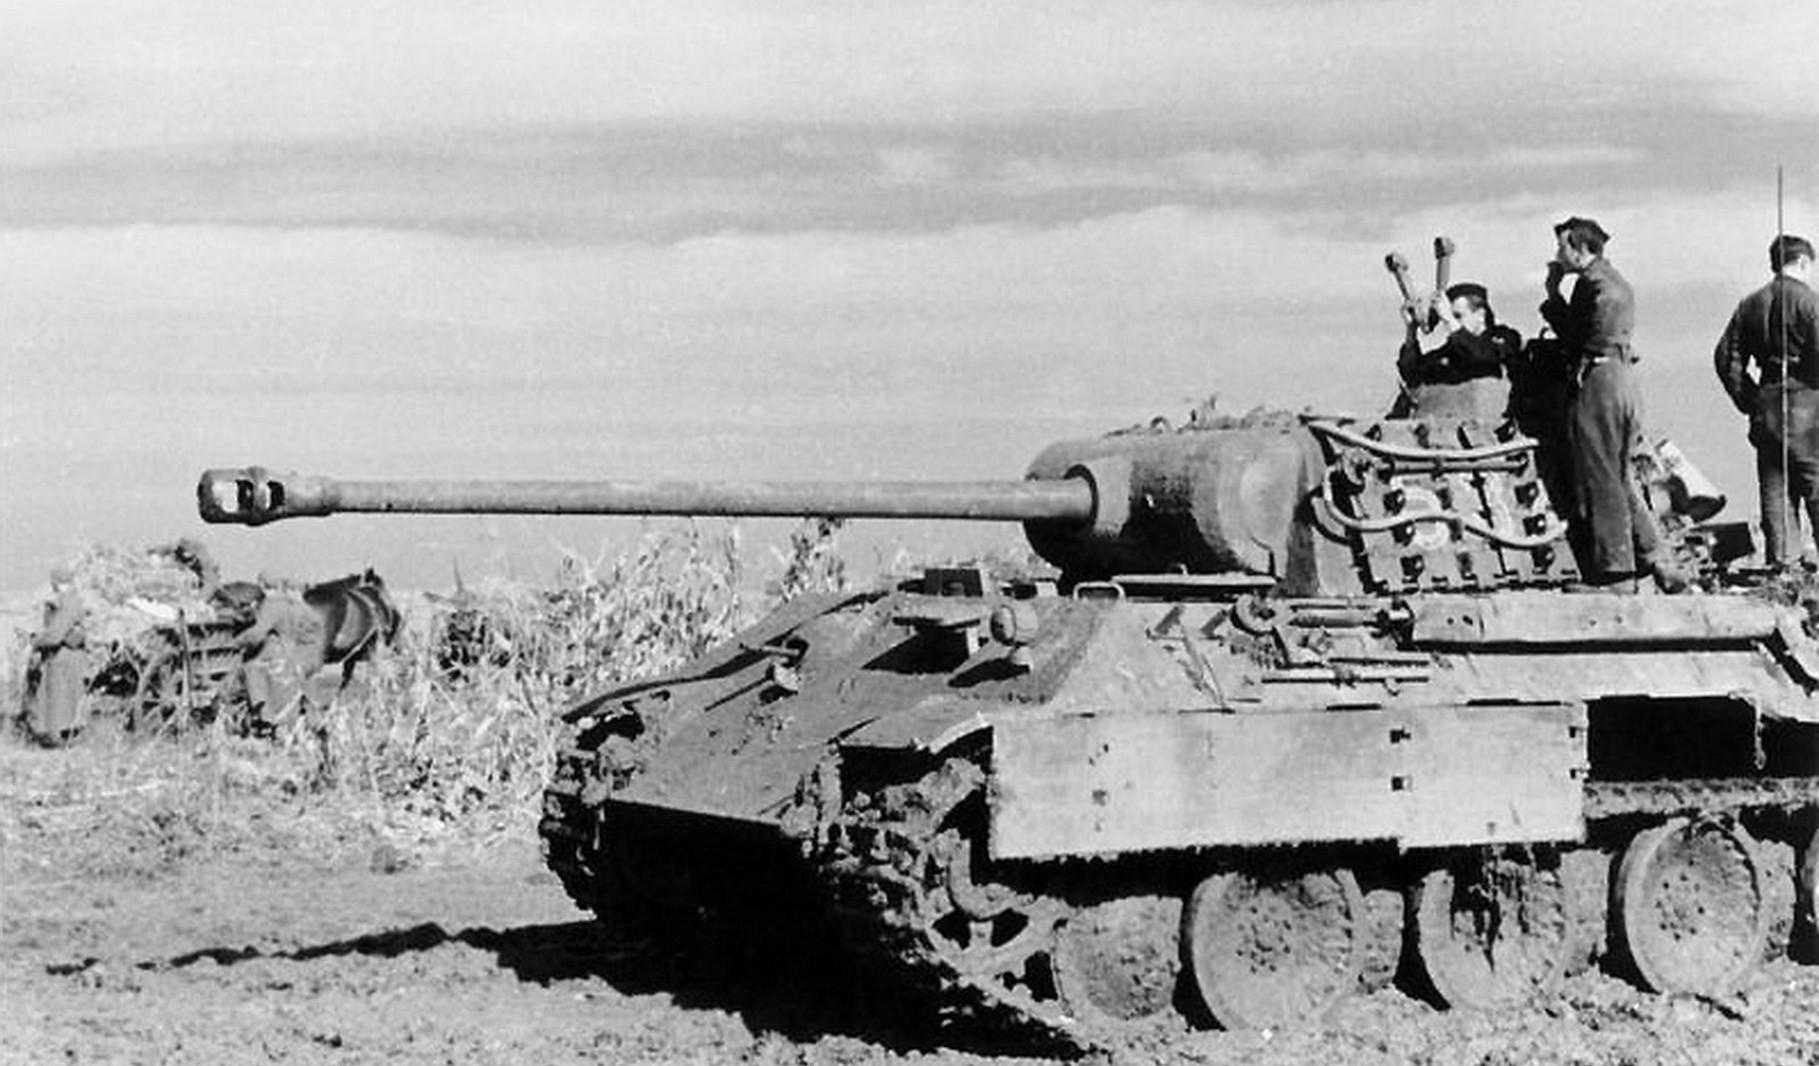 二战时期苏联斯大林IS-2坦克与中国第一种重型坦克研发工程的关连